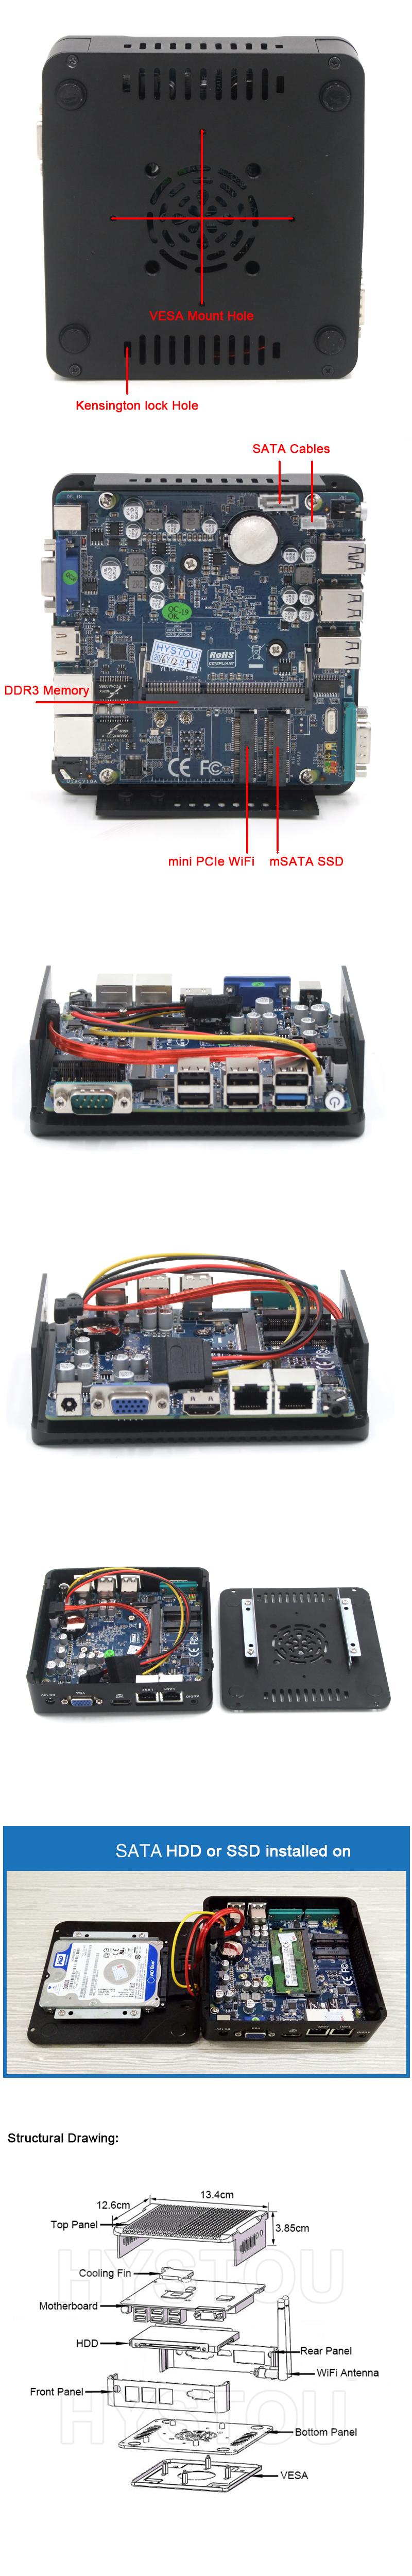 J1900-Mini-pc-4GB-RAM